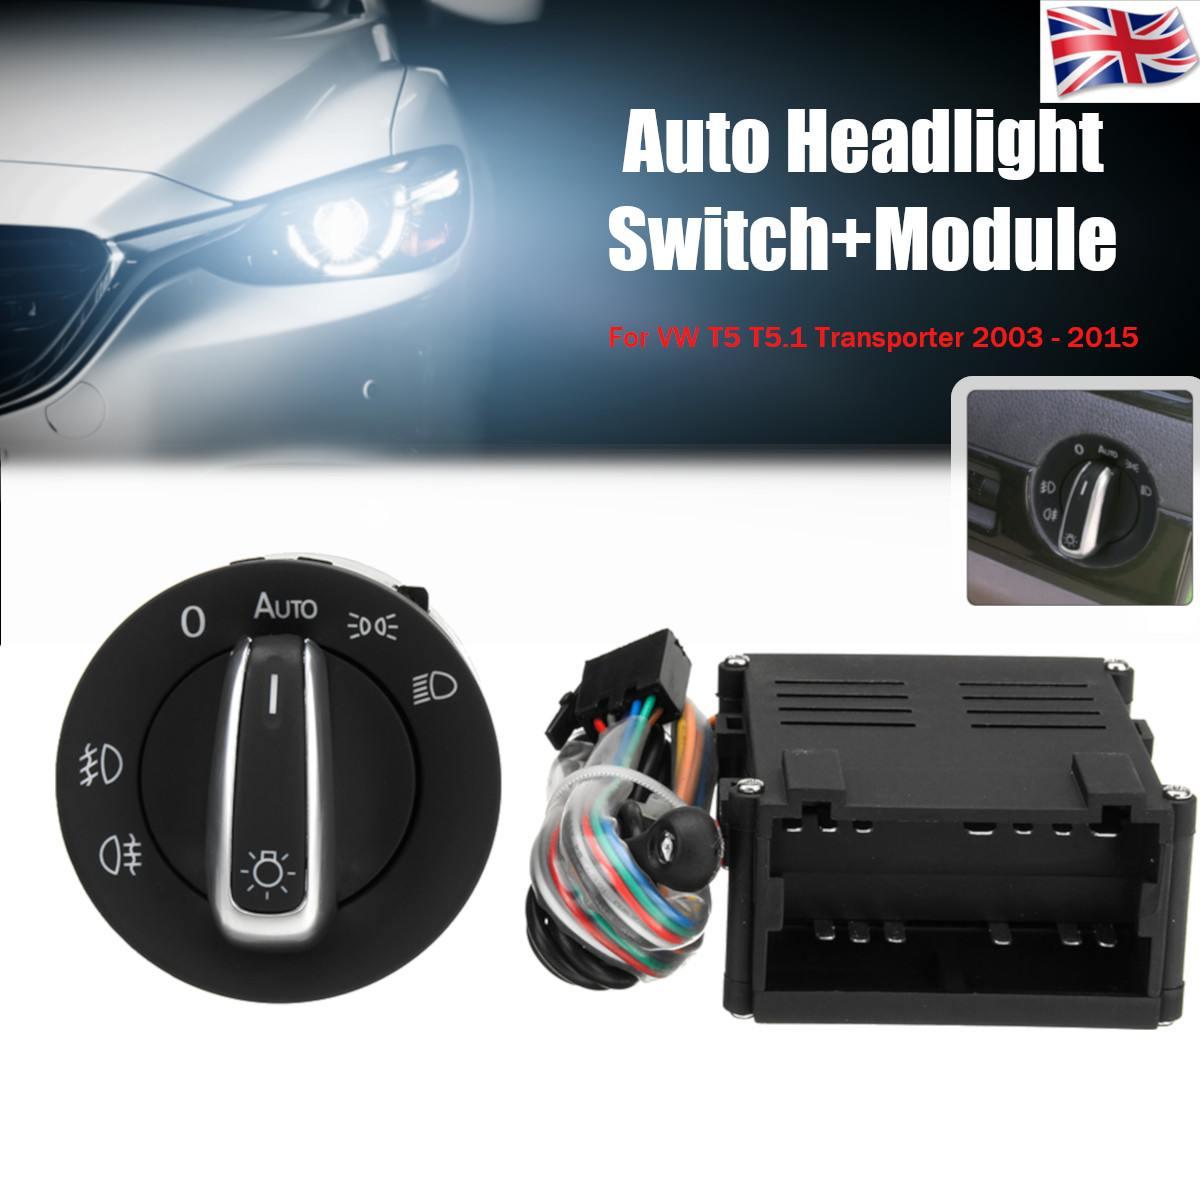 Módulo de Control de interruptores para Sensor de faro delantero de coche para VW T5 T5.1 Transporter 2003-2015